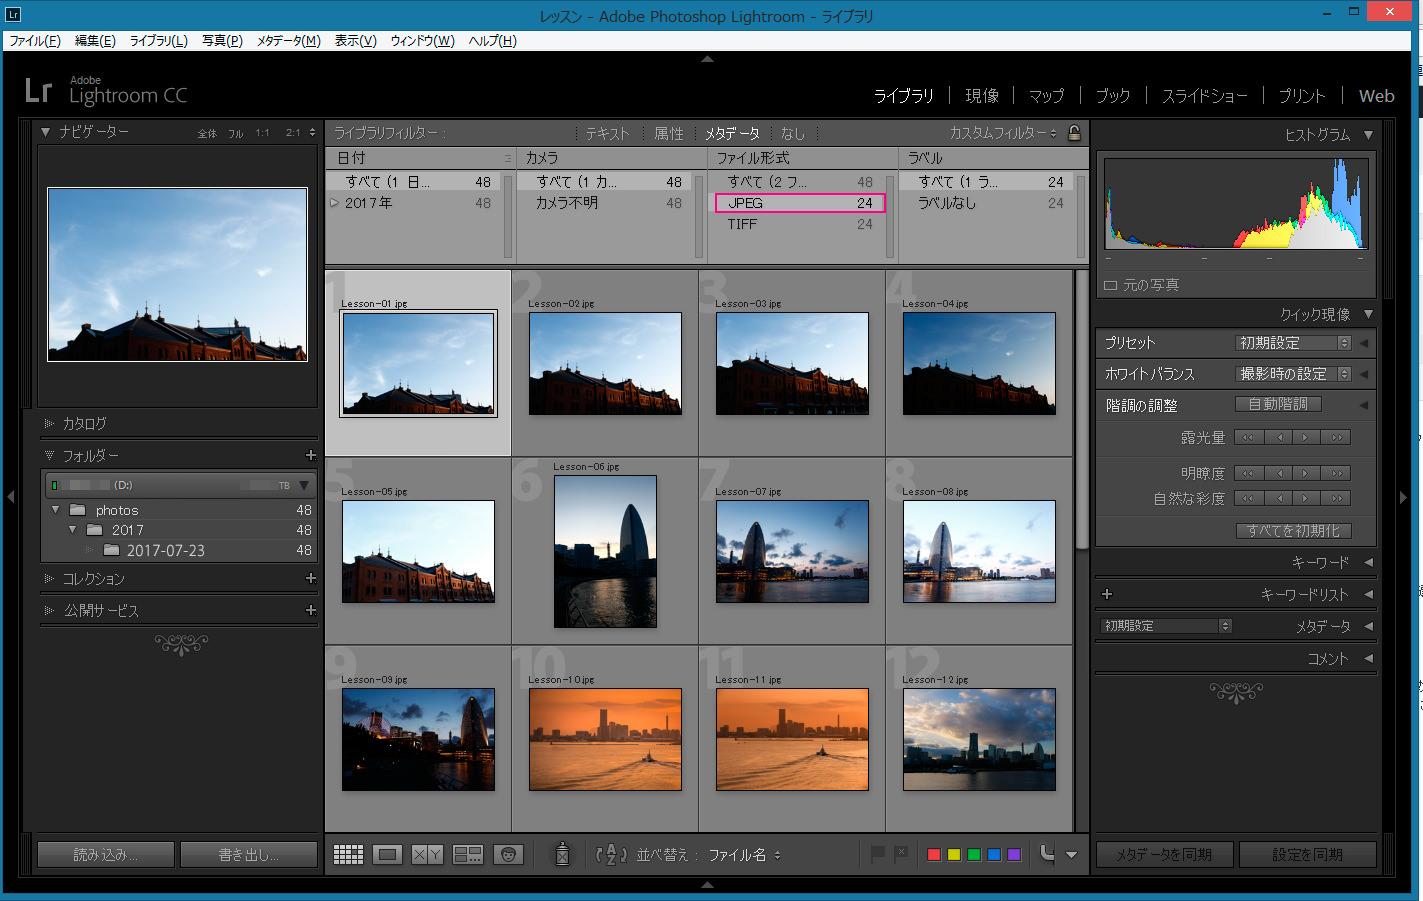 グリッド表示-メタデータ-ファイル形式-JPEG